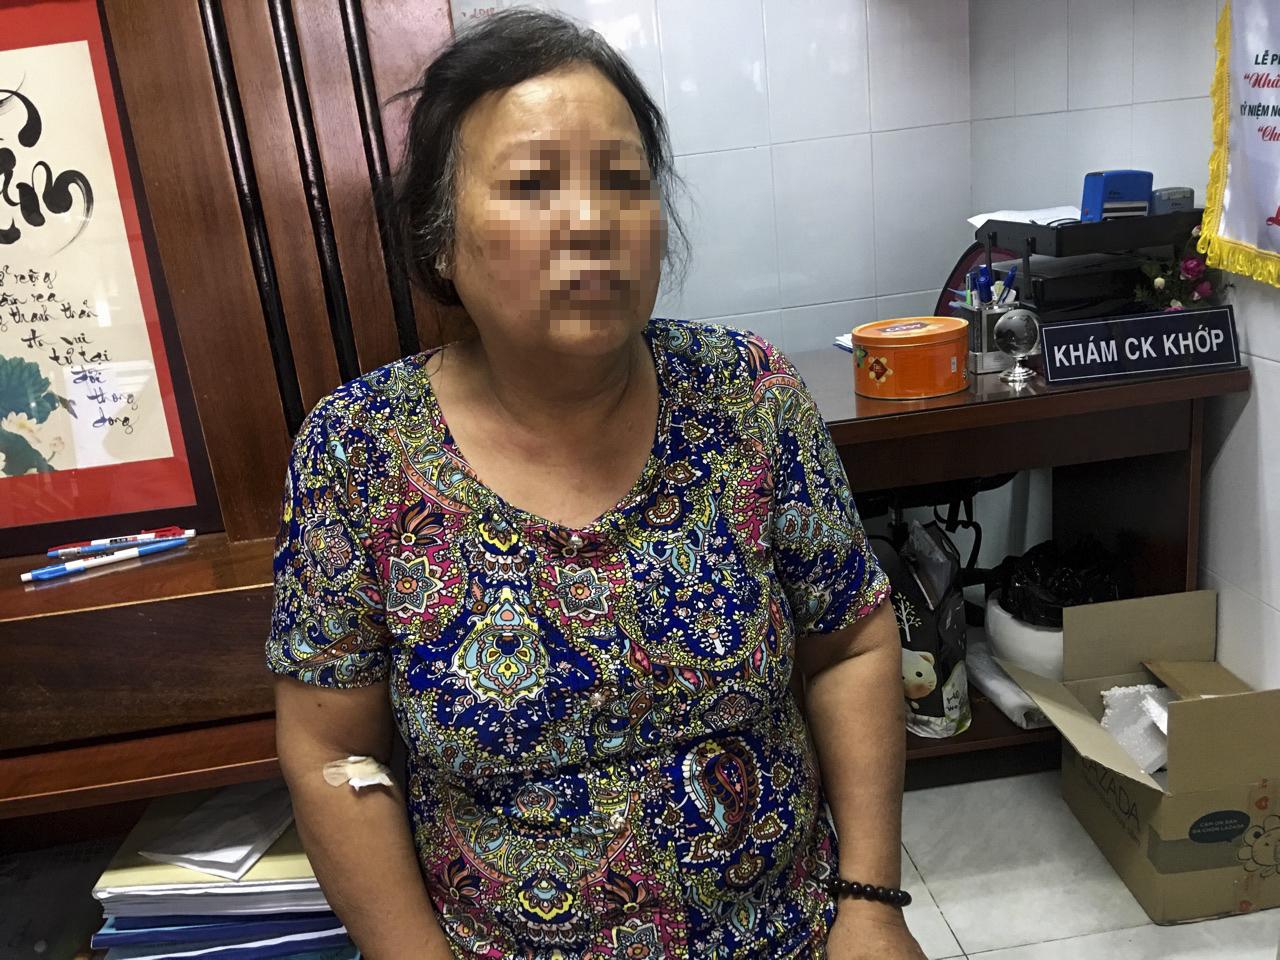 Kỳ 371: Nguyễn Thị Thơm (Sinh Năm 1963) Quê Phú Yên, Chấn Thương Ở Chân, Hỗ Trợ 10.000.000 Đồng Ngày 17/05/2018